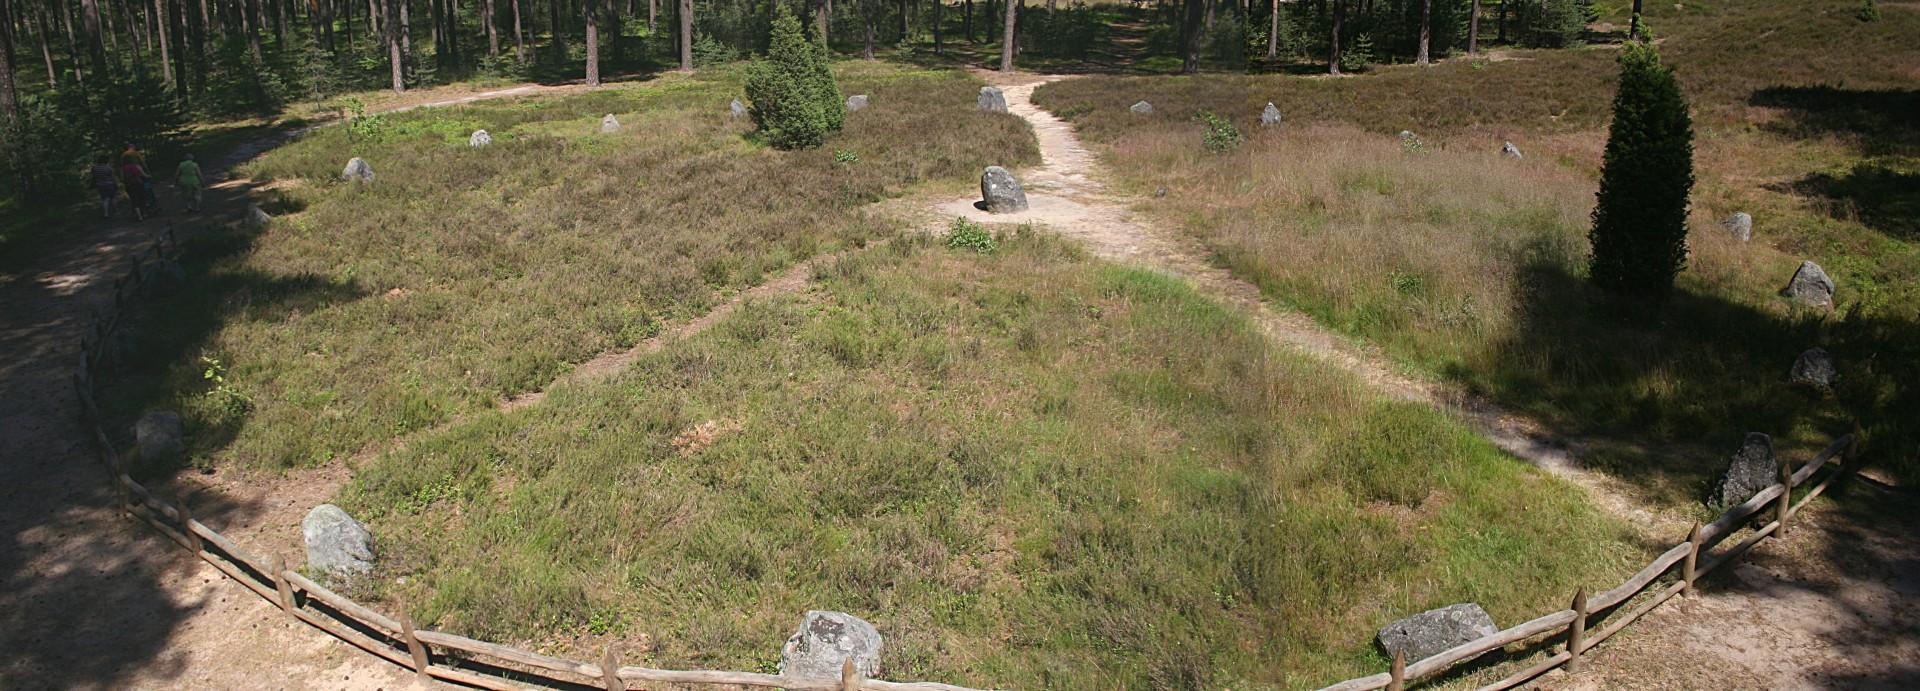 Chojnice i okolice. Kamienne Kręgi w Odrach 1